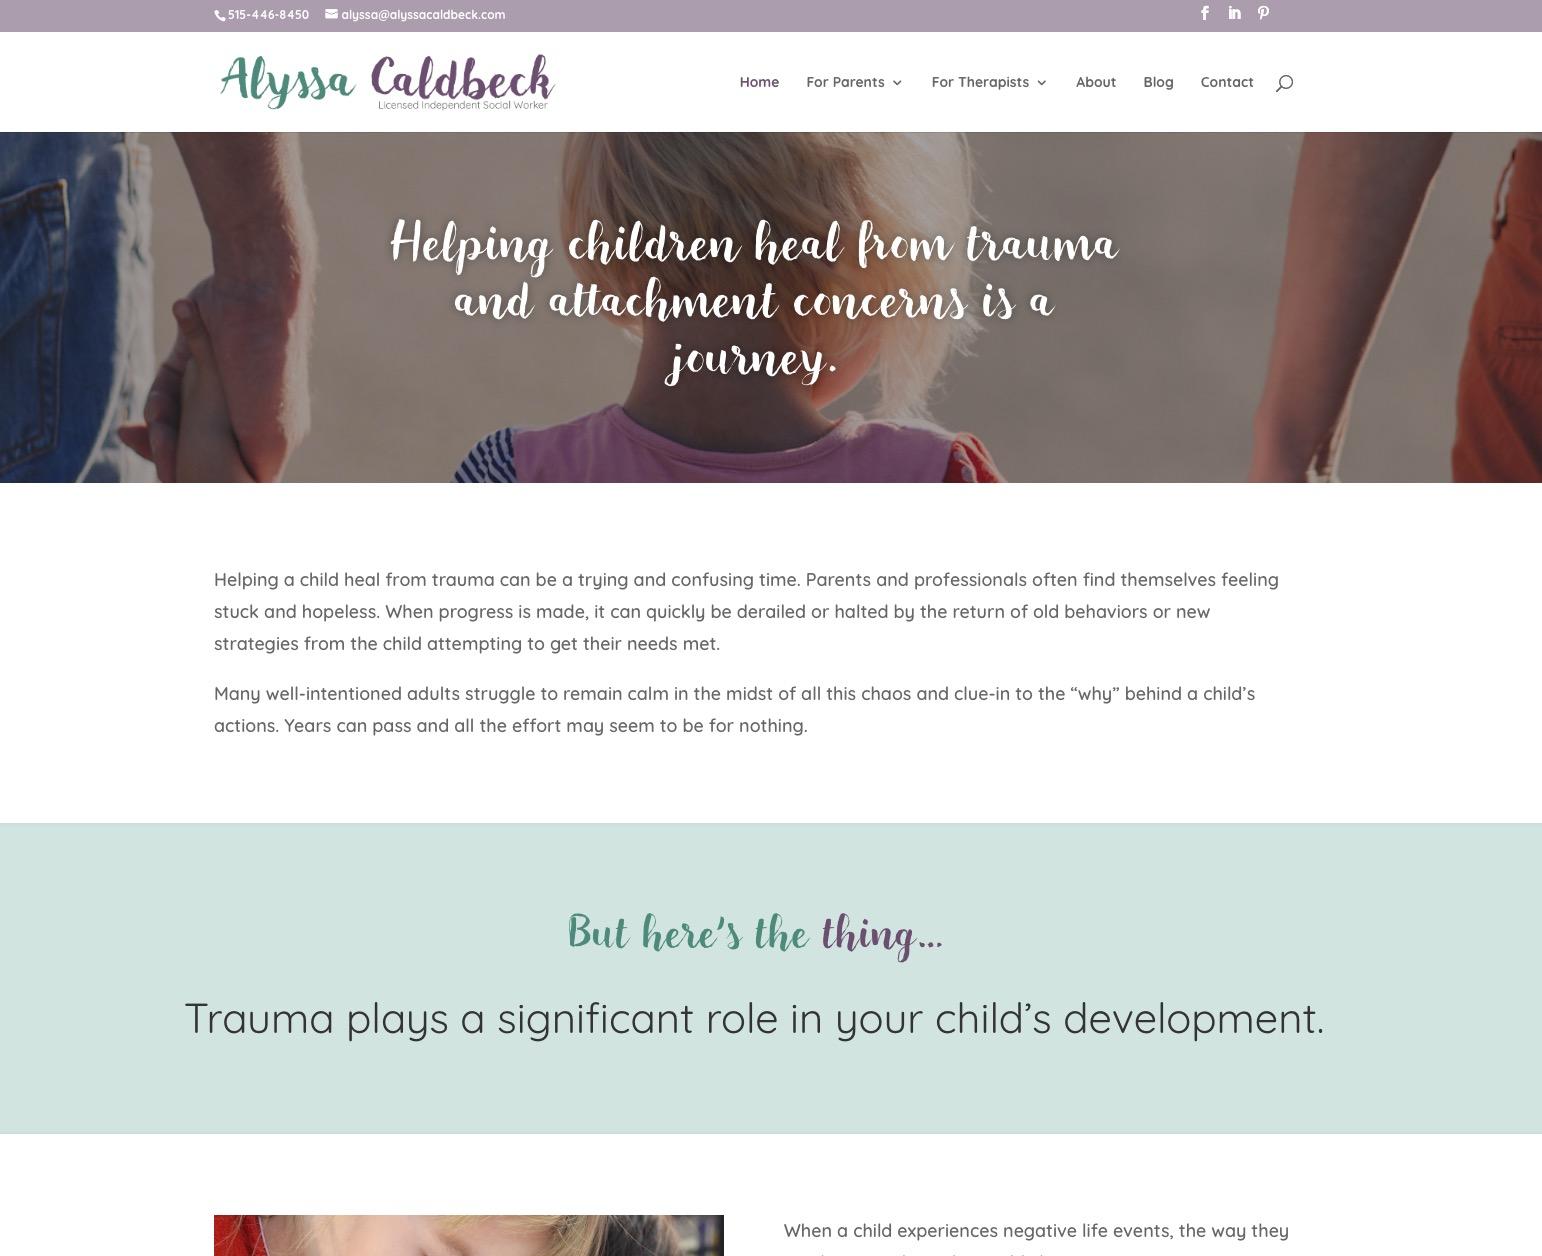 Alyssa Caldbeck